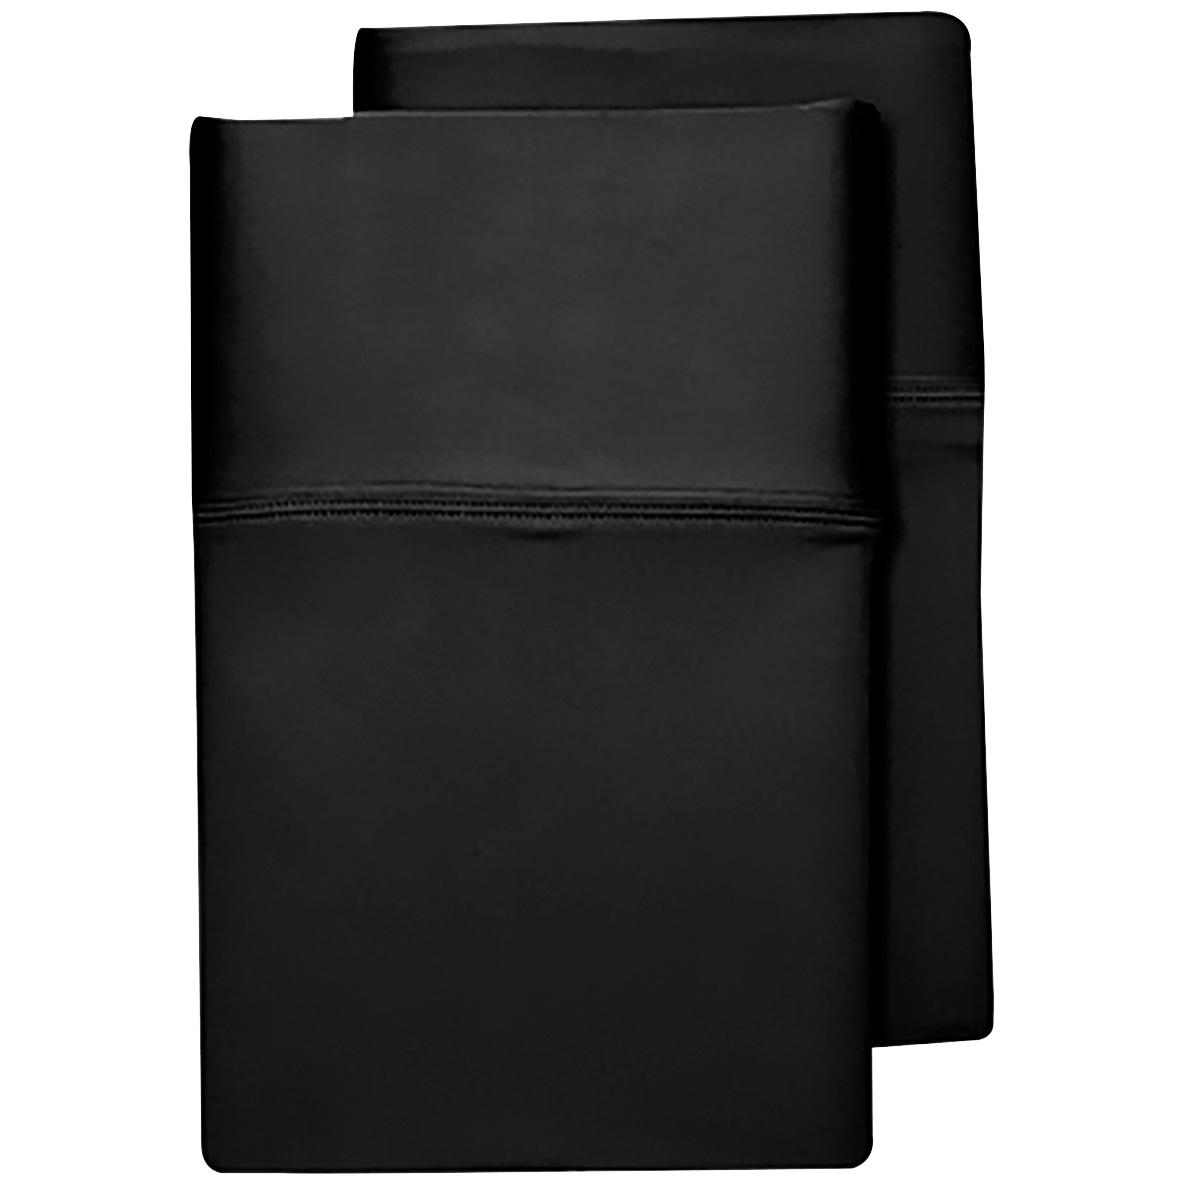 Sheex Inc. | SHEEX Aero Fit Black King Pillowcase Set